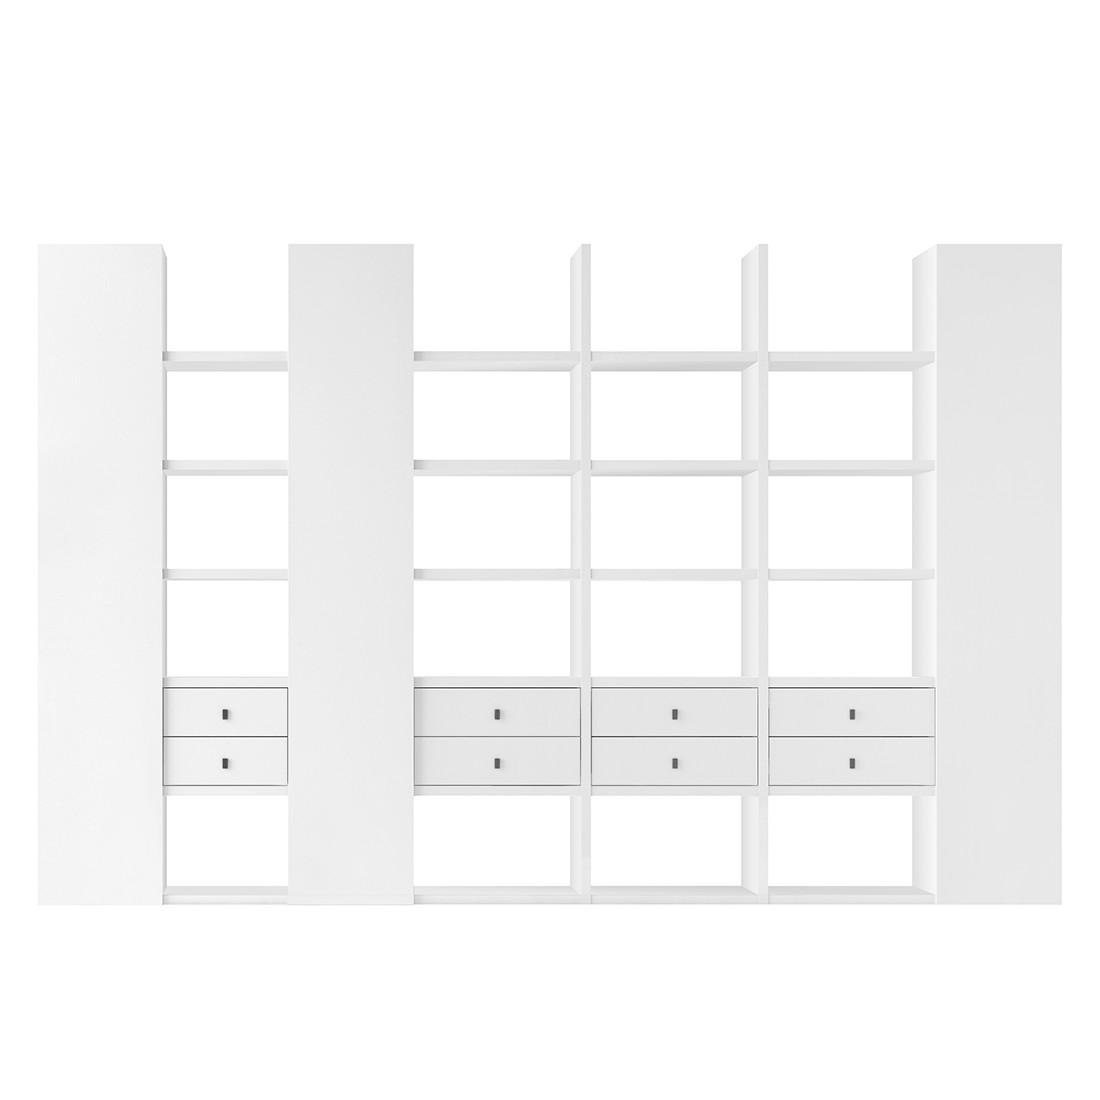 XXL Regalwand Emporior V.B – Hochglanz Weiß, loftscape bestellen